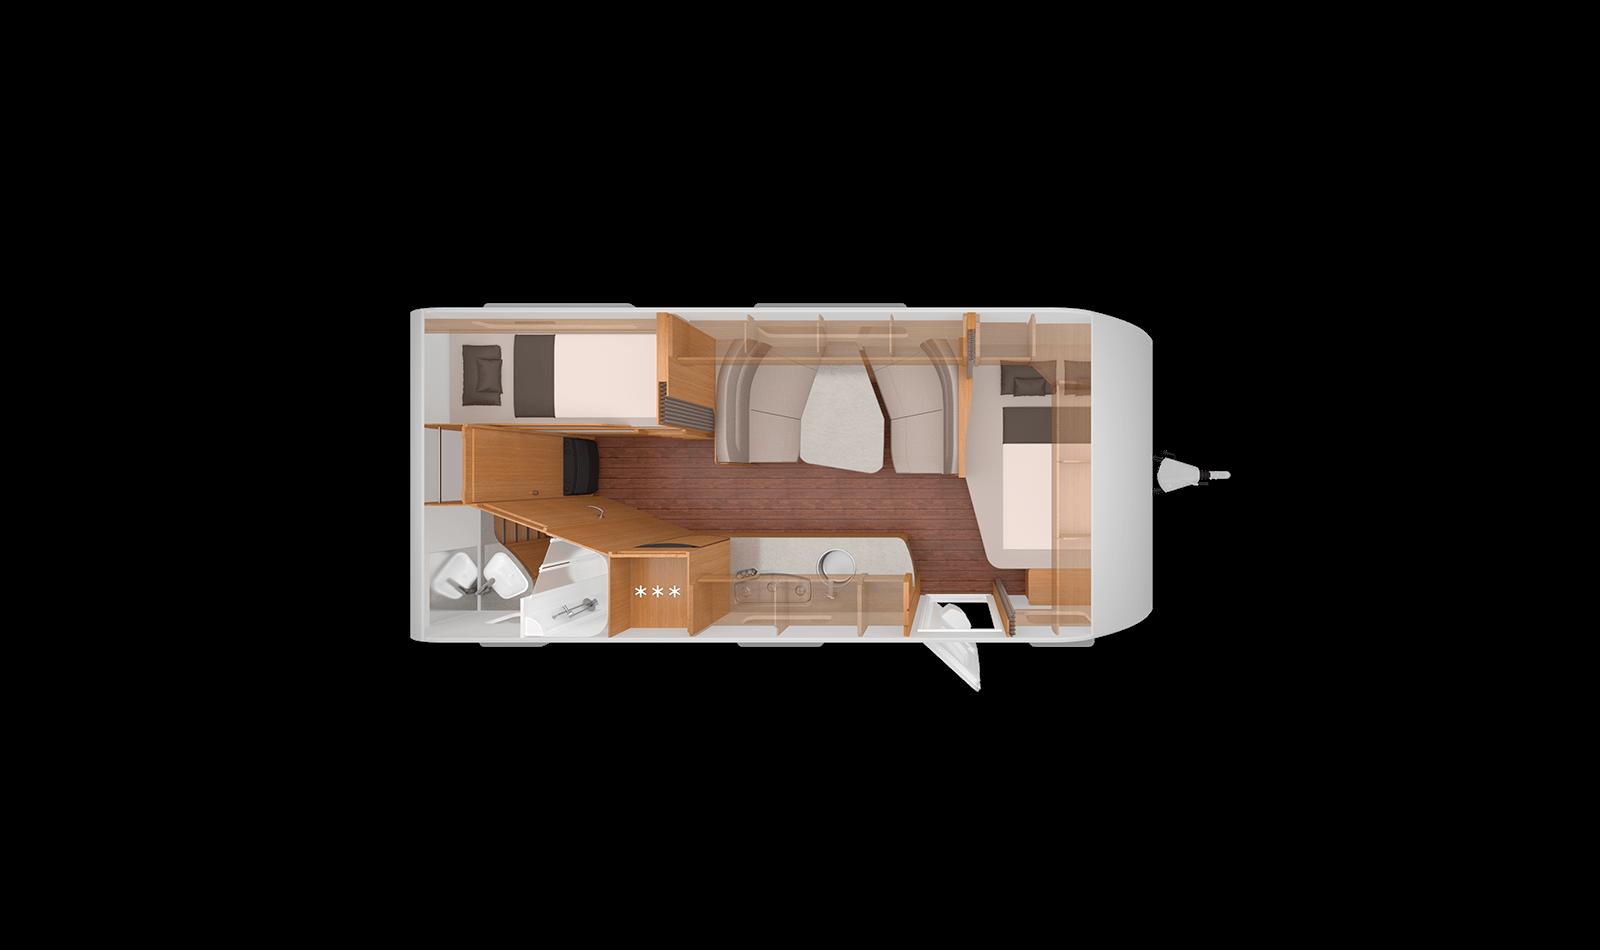 KNAUS SÜDWIND | Ihr maßgeschneiderter Wohnwagen